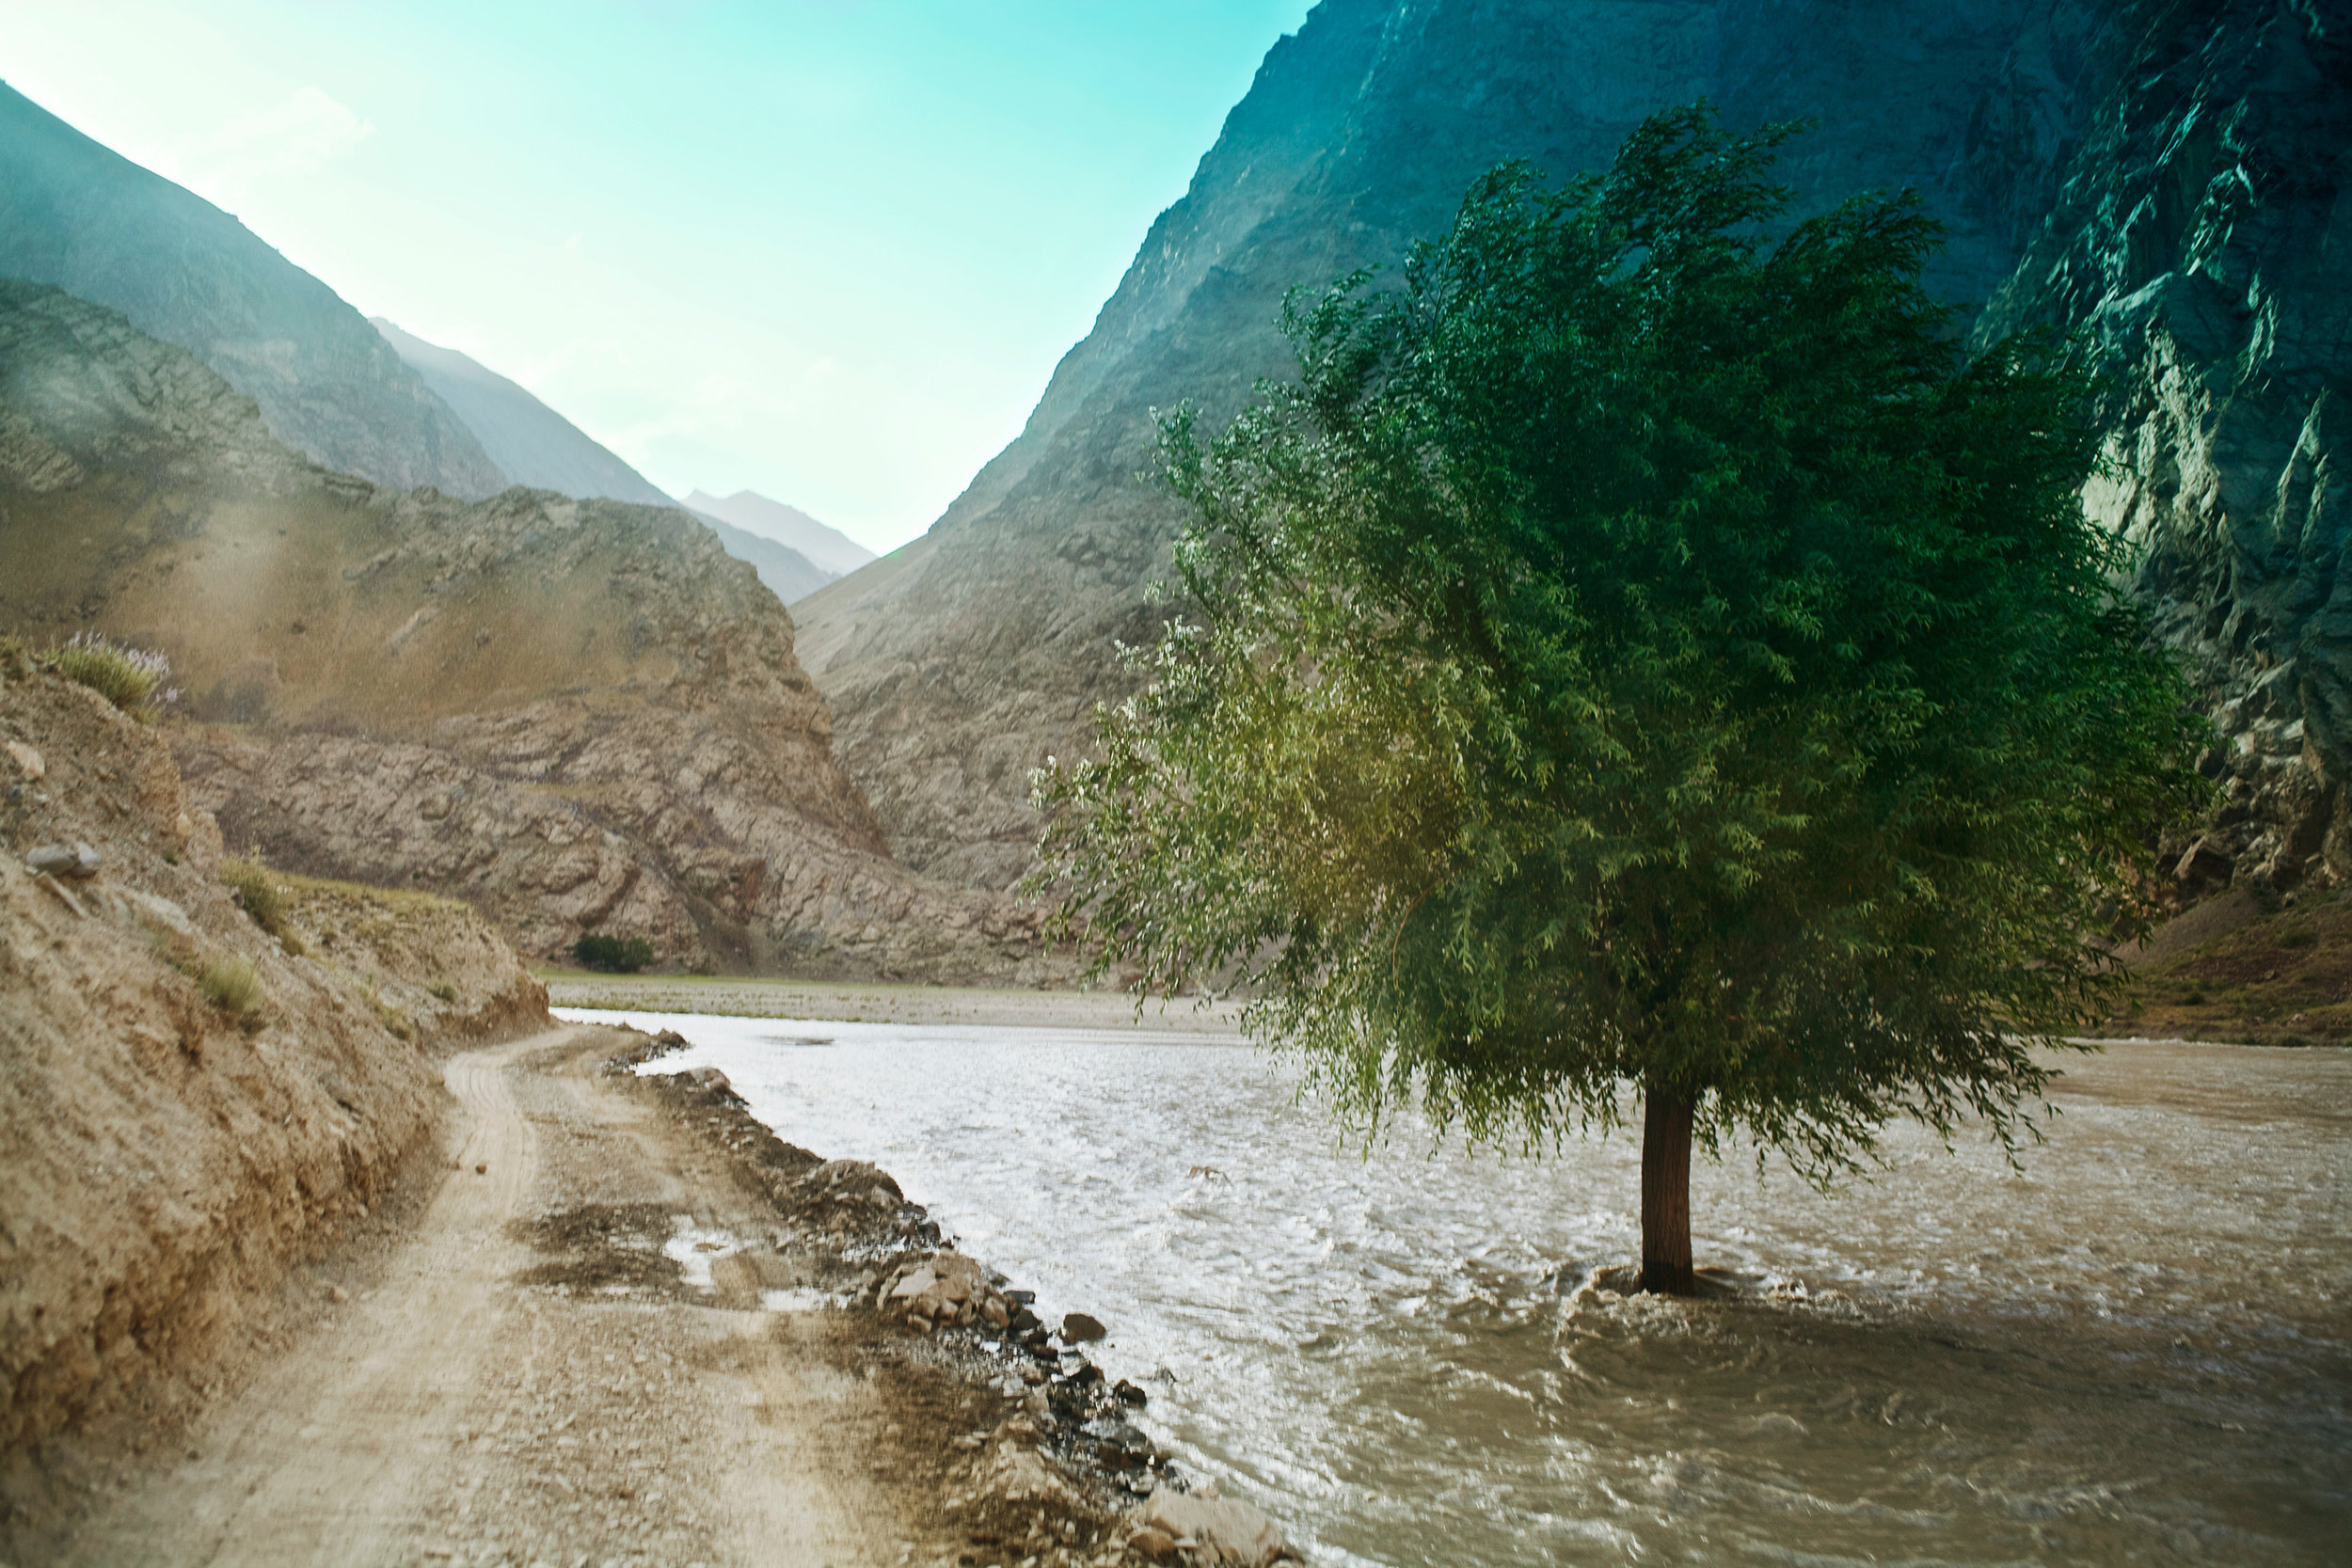 071408tajikistan1119.jpg